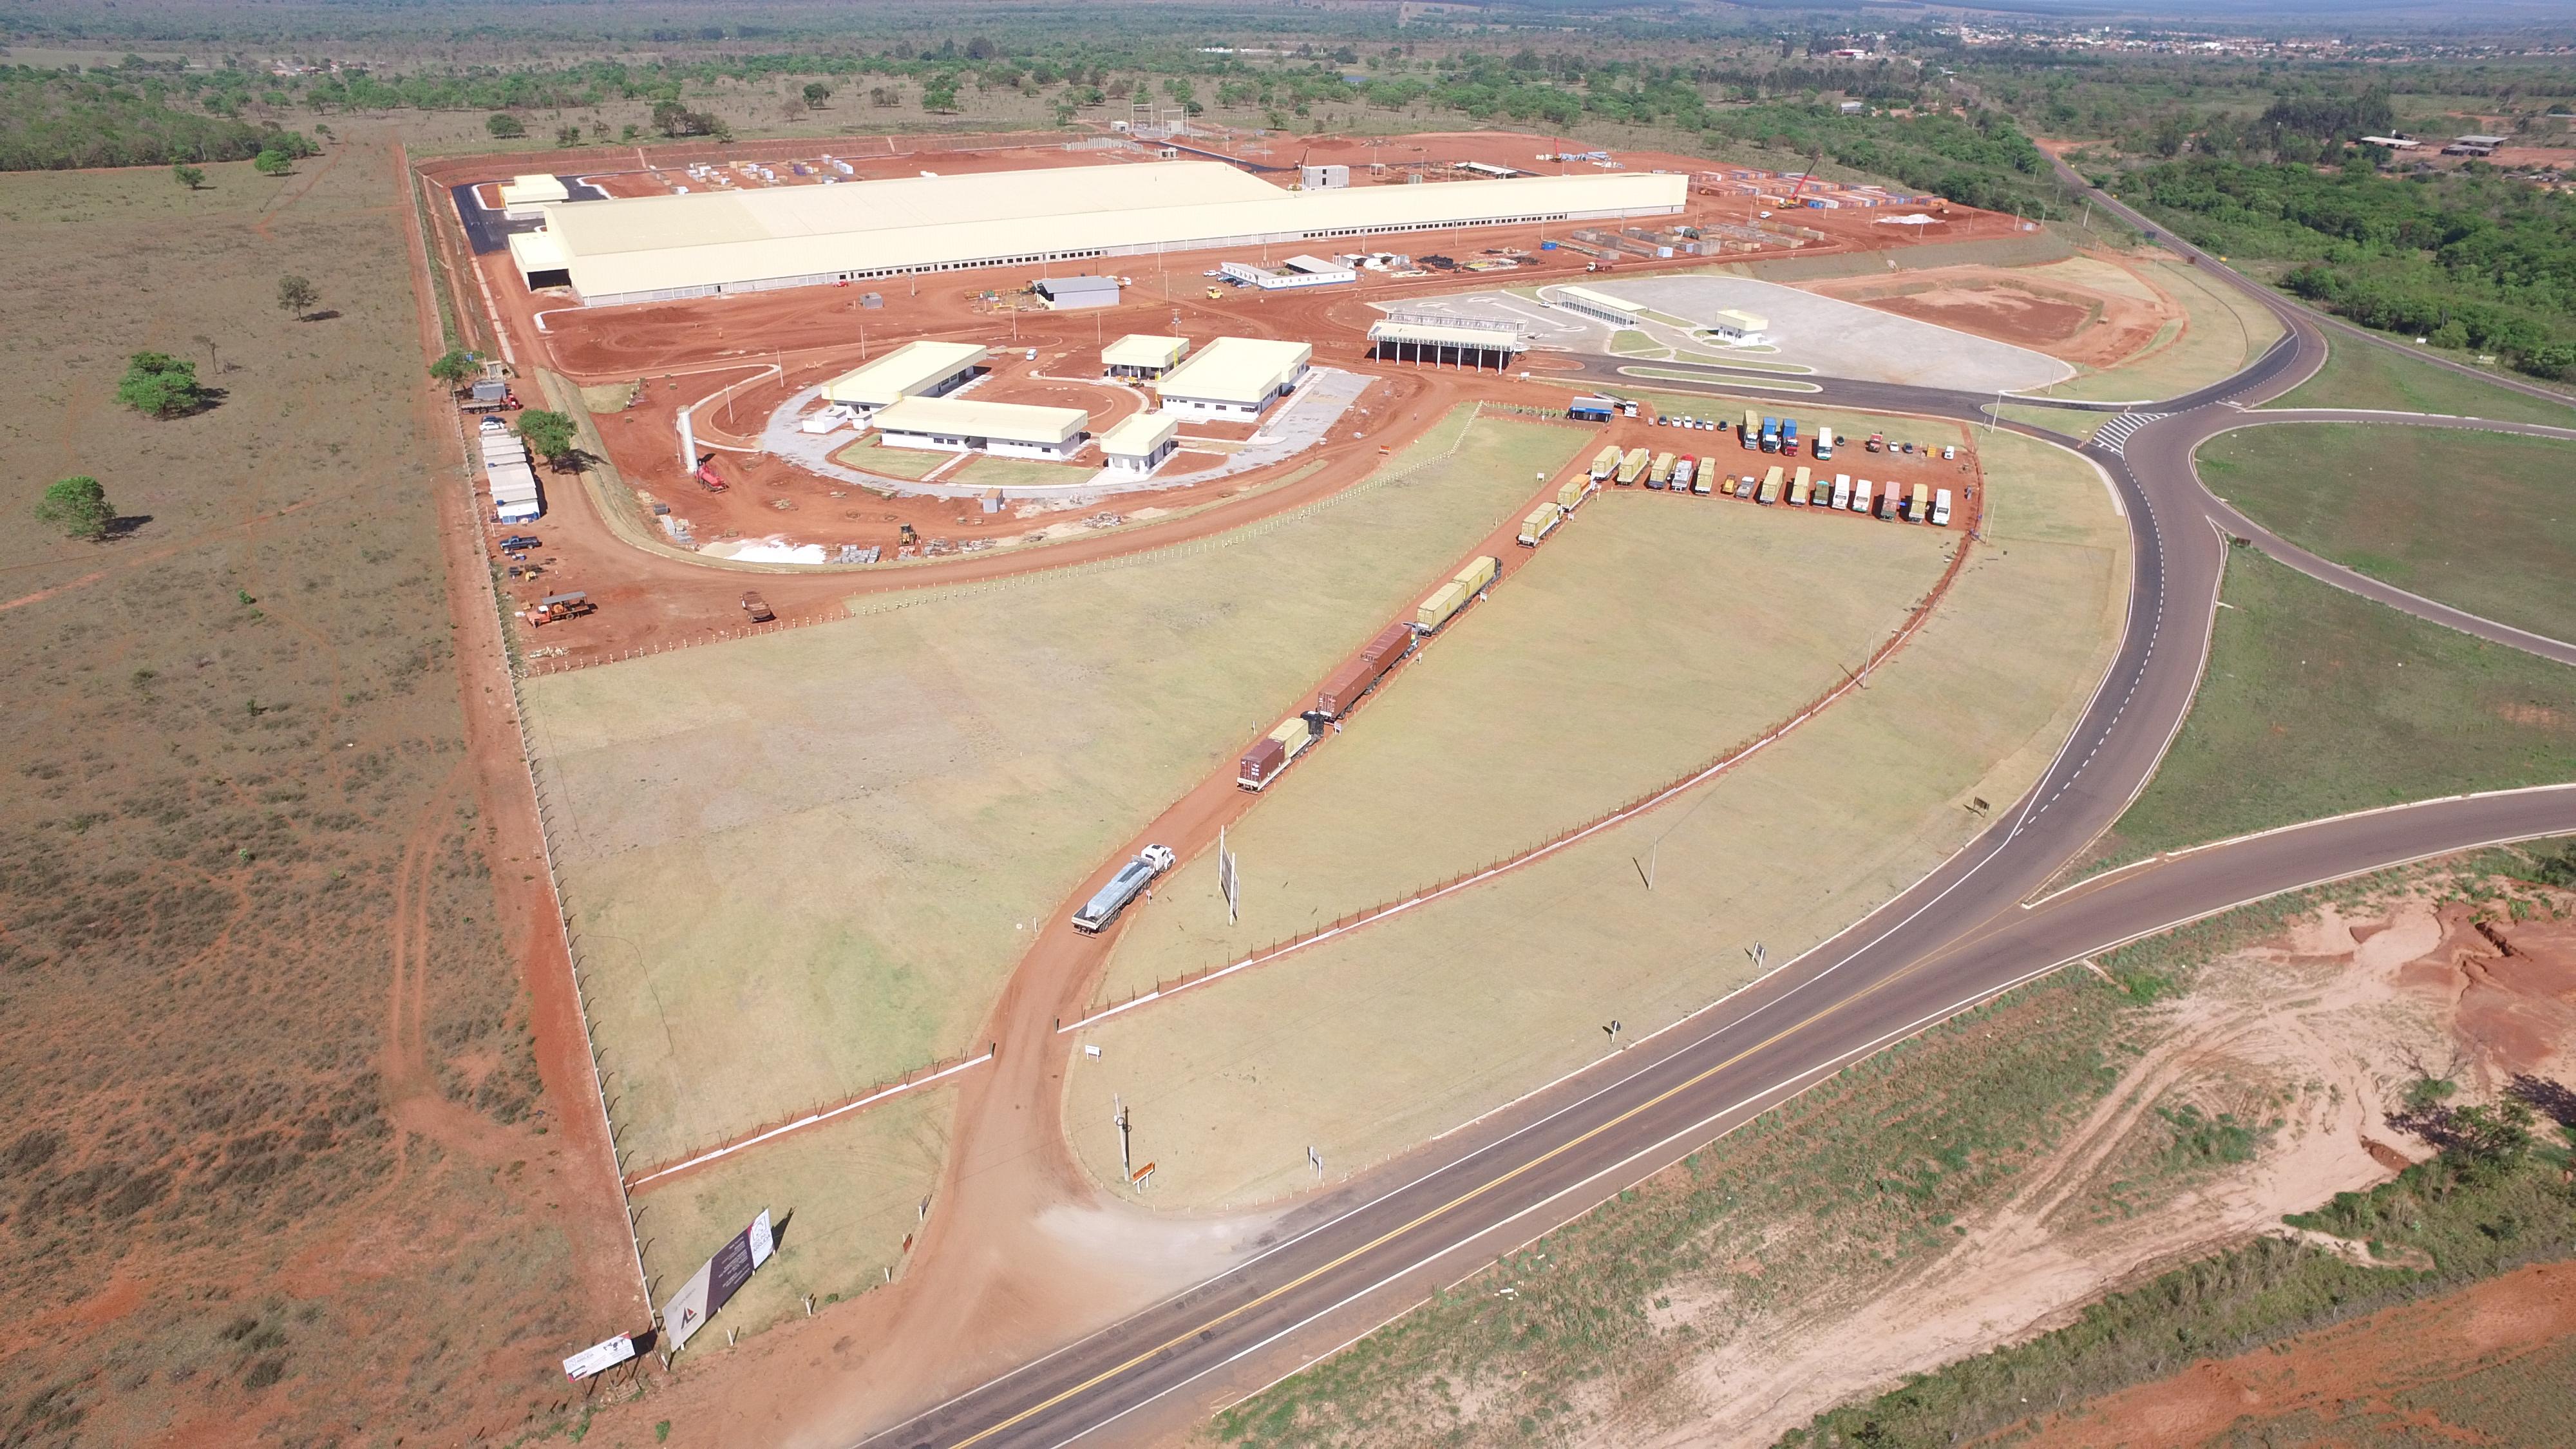 Asperbras, de José Roberto Colnaghi, inova com fábrica sustentável de MDF no Mato Grosso do Sul